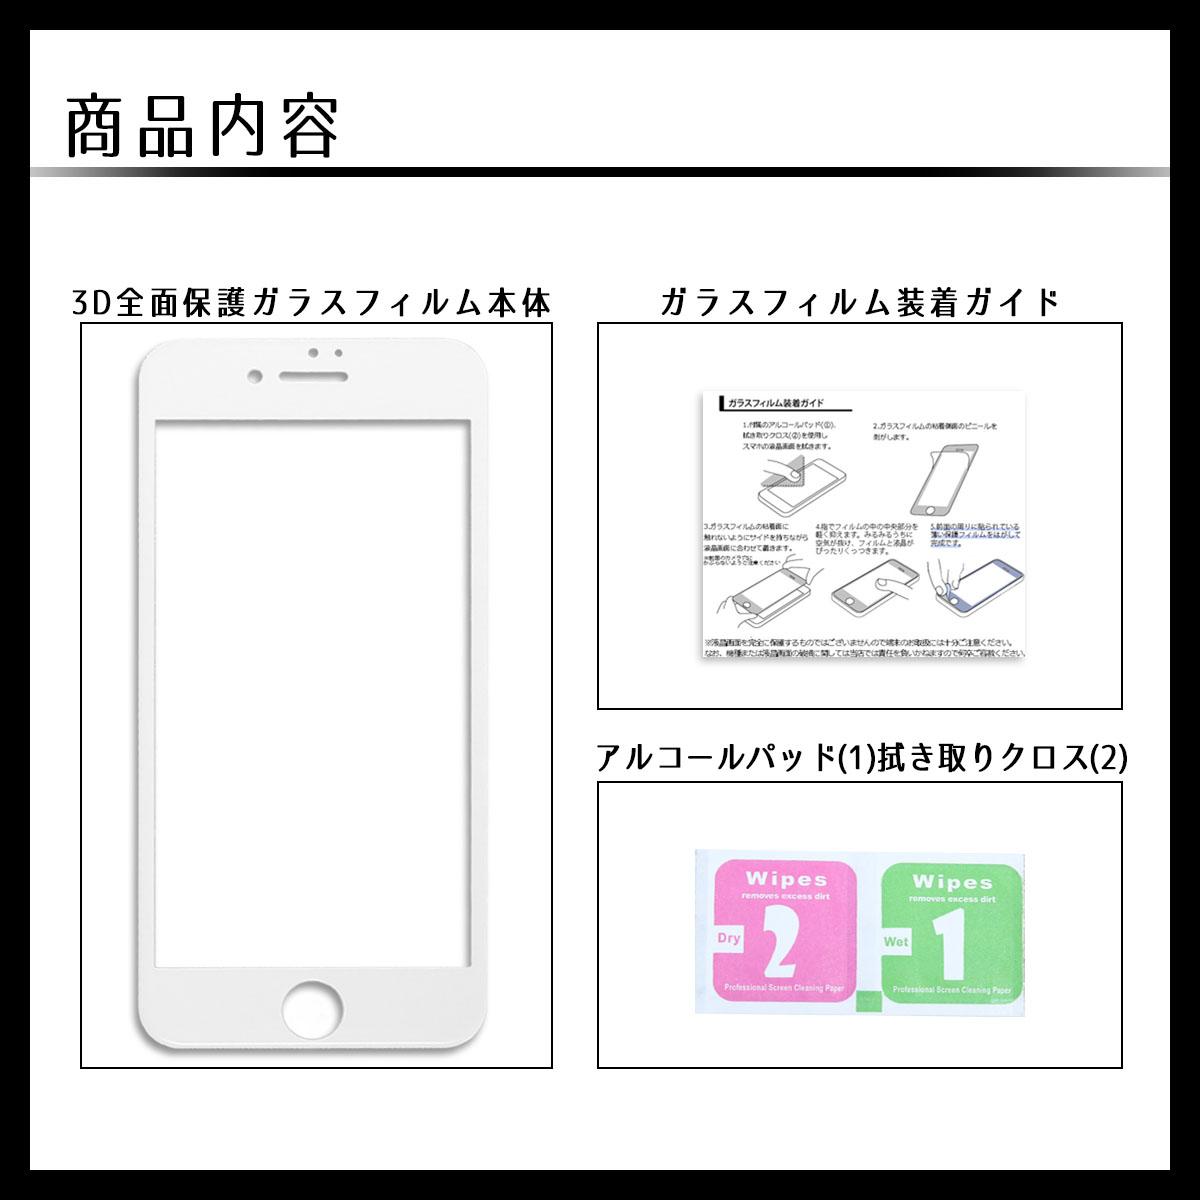 【全面保護 3D 9H】 強化ガラス 二枚組 保護フィルム 強化ガラスフィルム 強化ガラス保護フィルム 液晶保護ガラスフィルム iPhone8 iPhone7 iPhone6s Plus  iphone5s se アイフォン7 アイフォン6s  全面 全面ガラスフィルム ラウンドカット  iPhone X